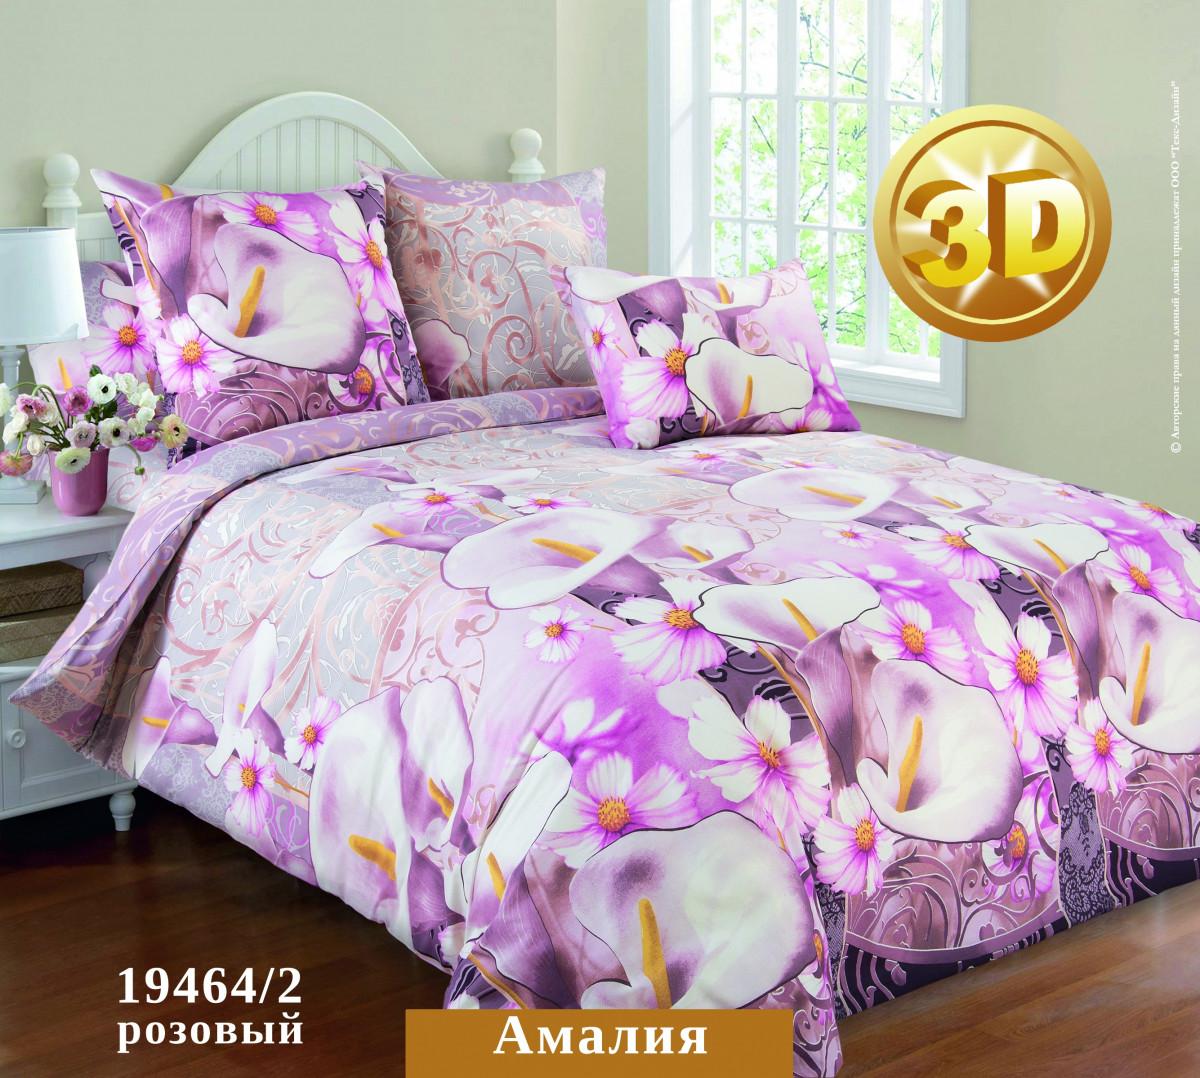 Постельное белье ТК Хлопковый Рай Постельное белье Амалия (2 сп. евро) постельное белье амалия розовый бязь евро 1